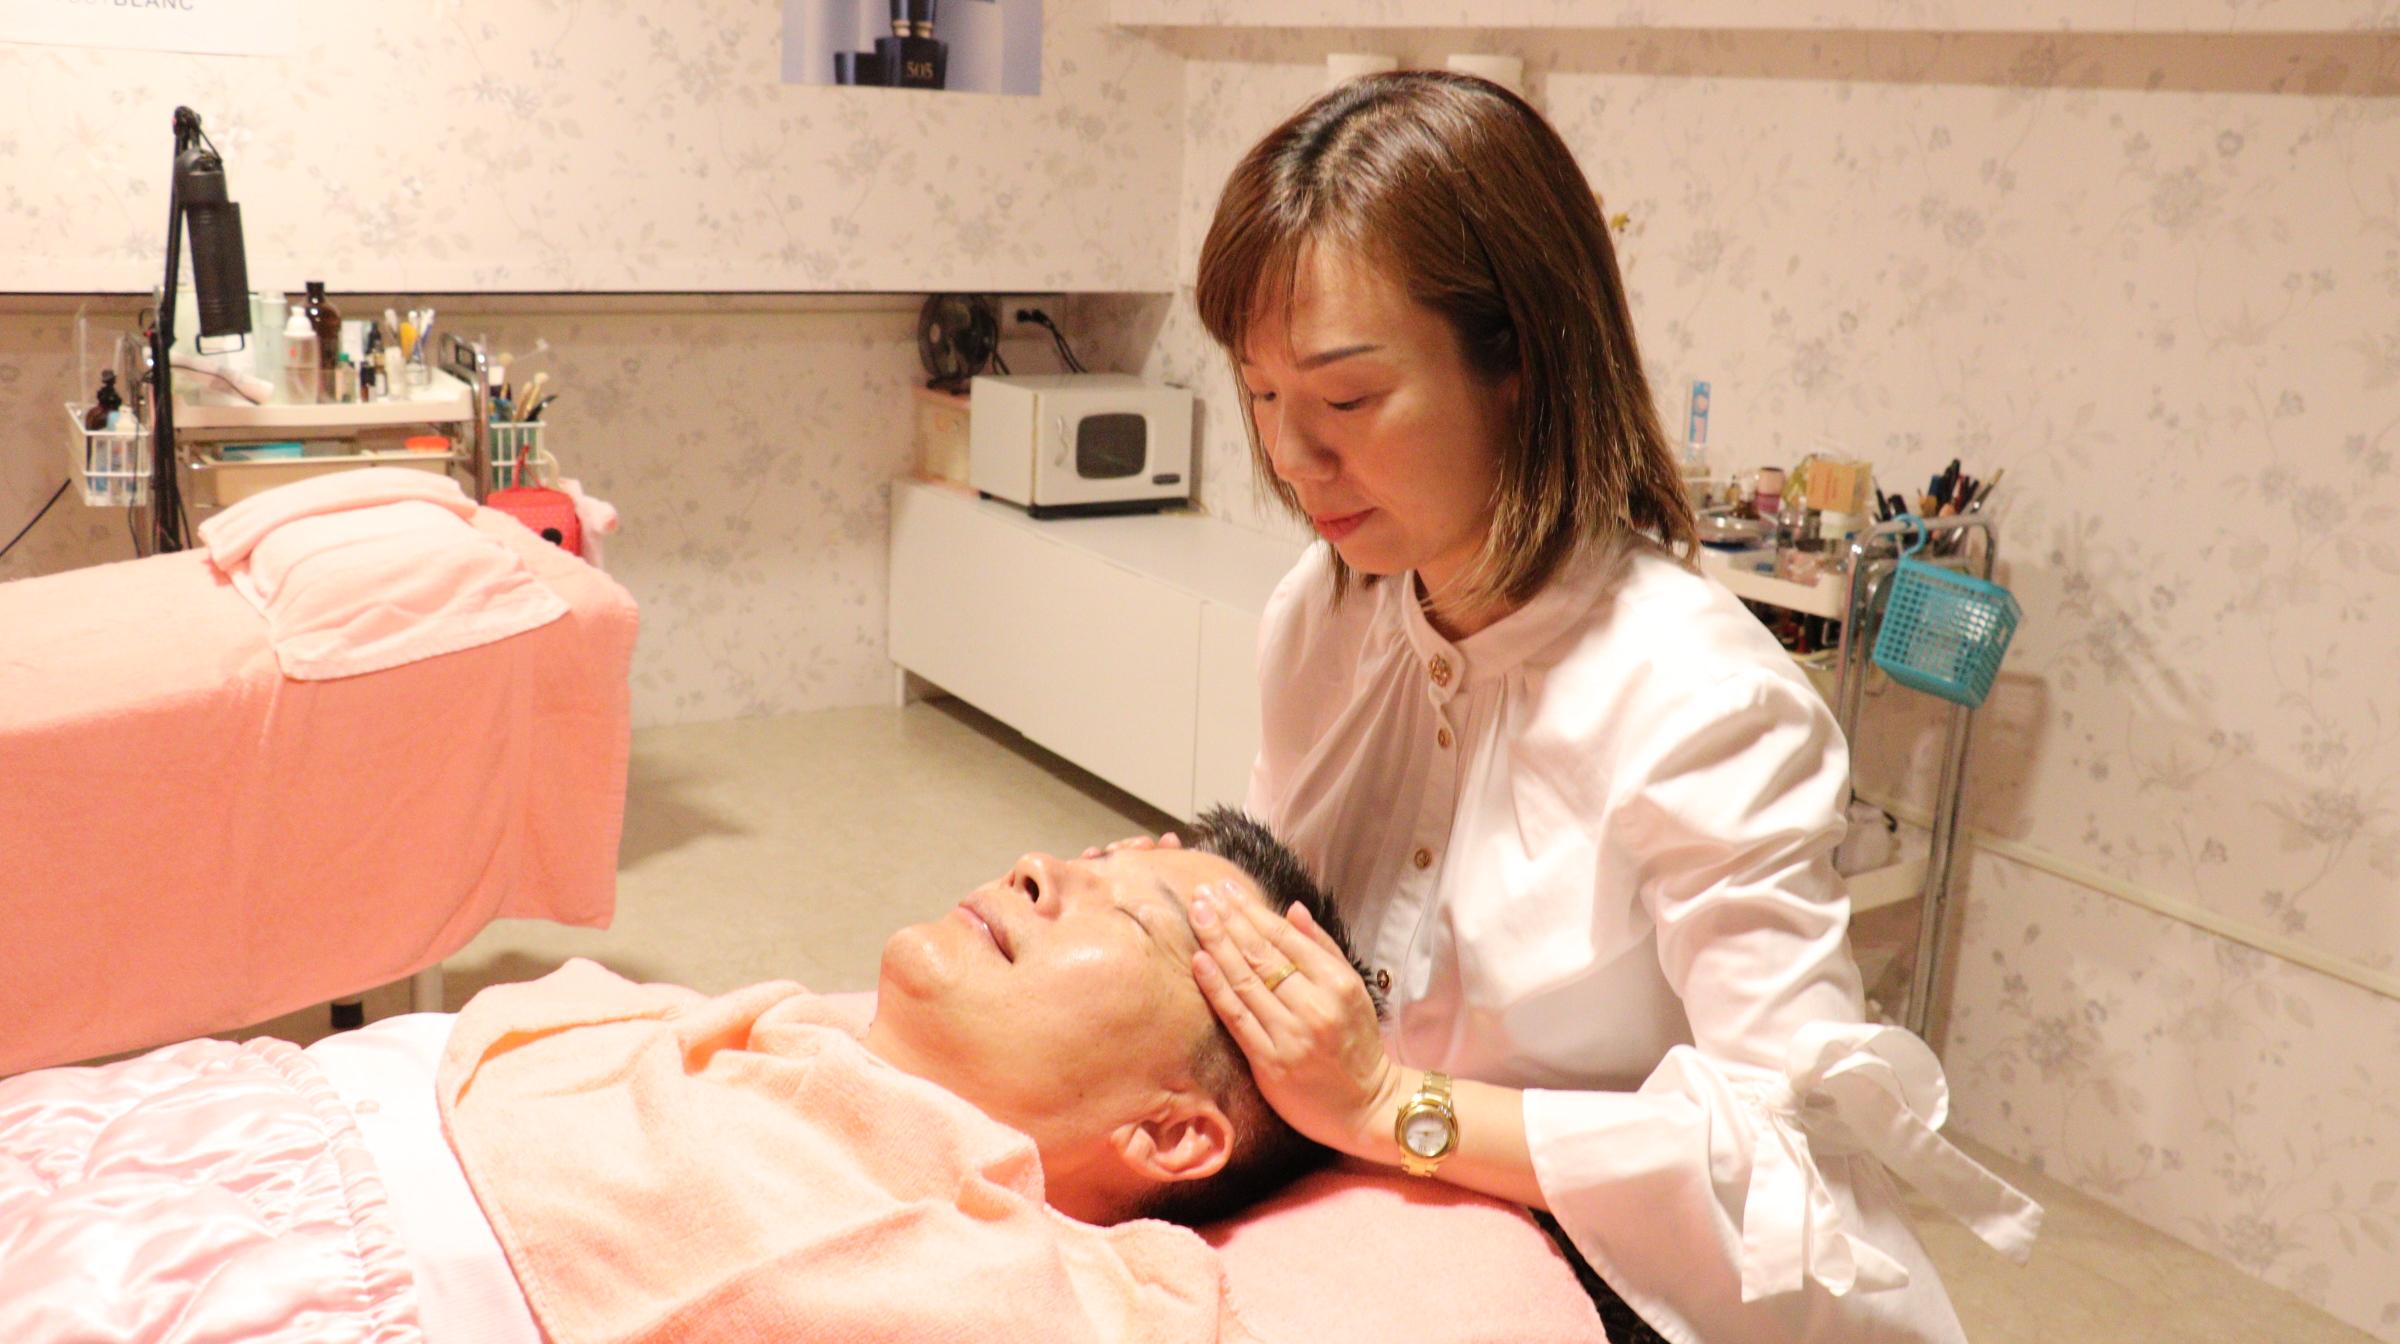 ▲2-美容師阮理厚示範美容,雲嘉南分署長劉邦棟體驗後相當肯定